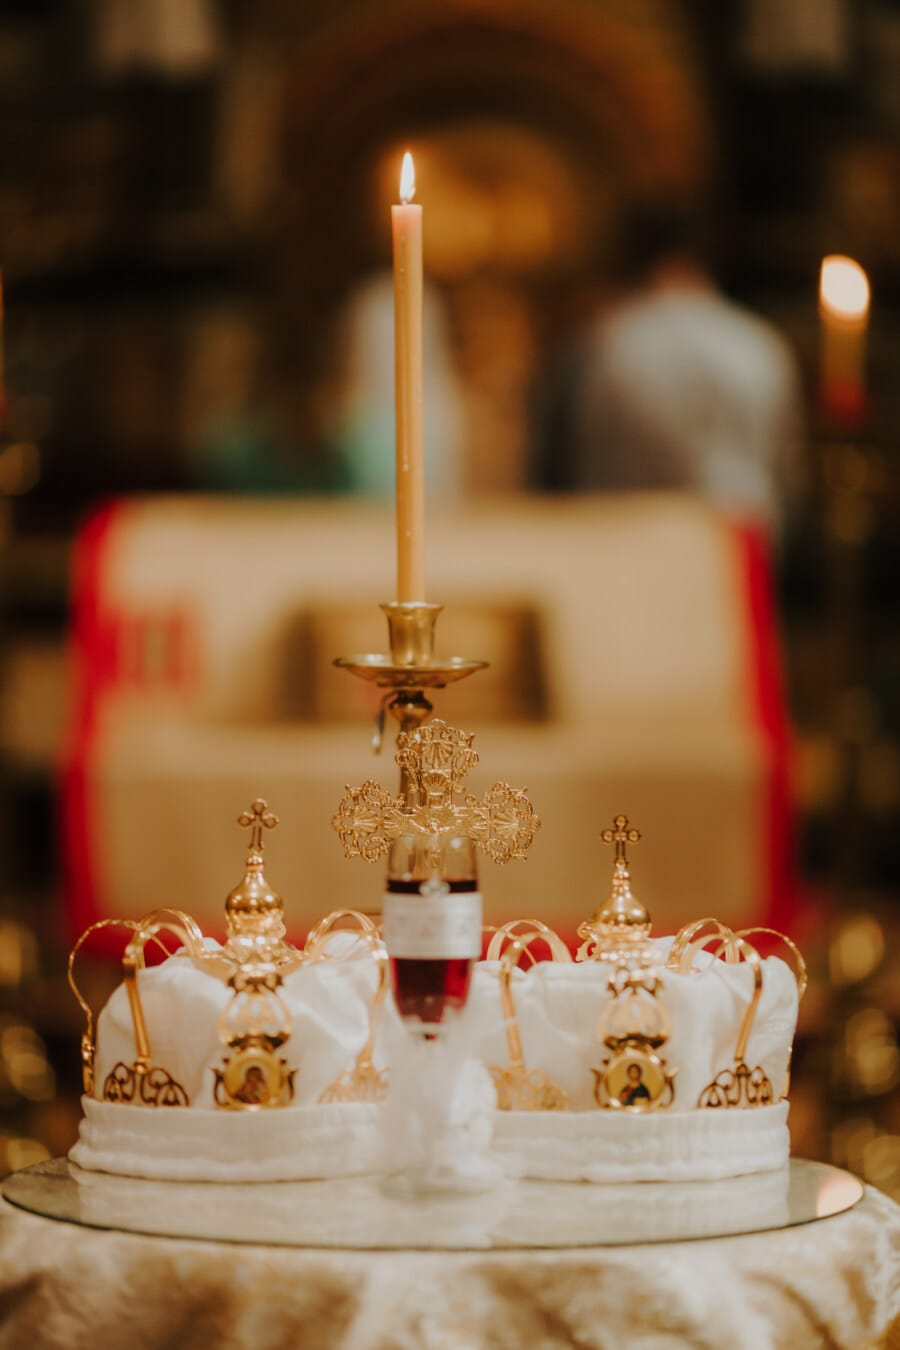 Candle-Light, gelb, Kerze, Krone, Krönung, Lust auf, Kirche, Religion, geistigkeit, Interieur-design